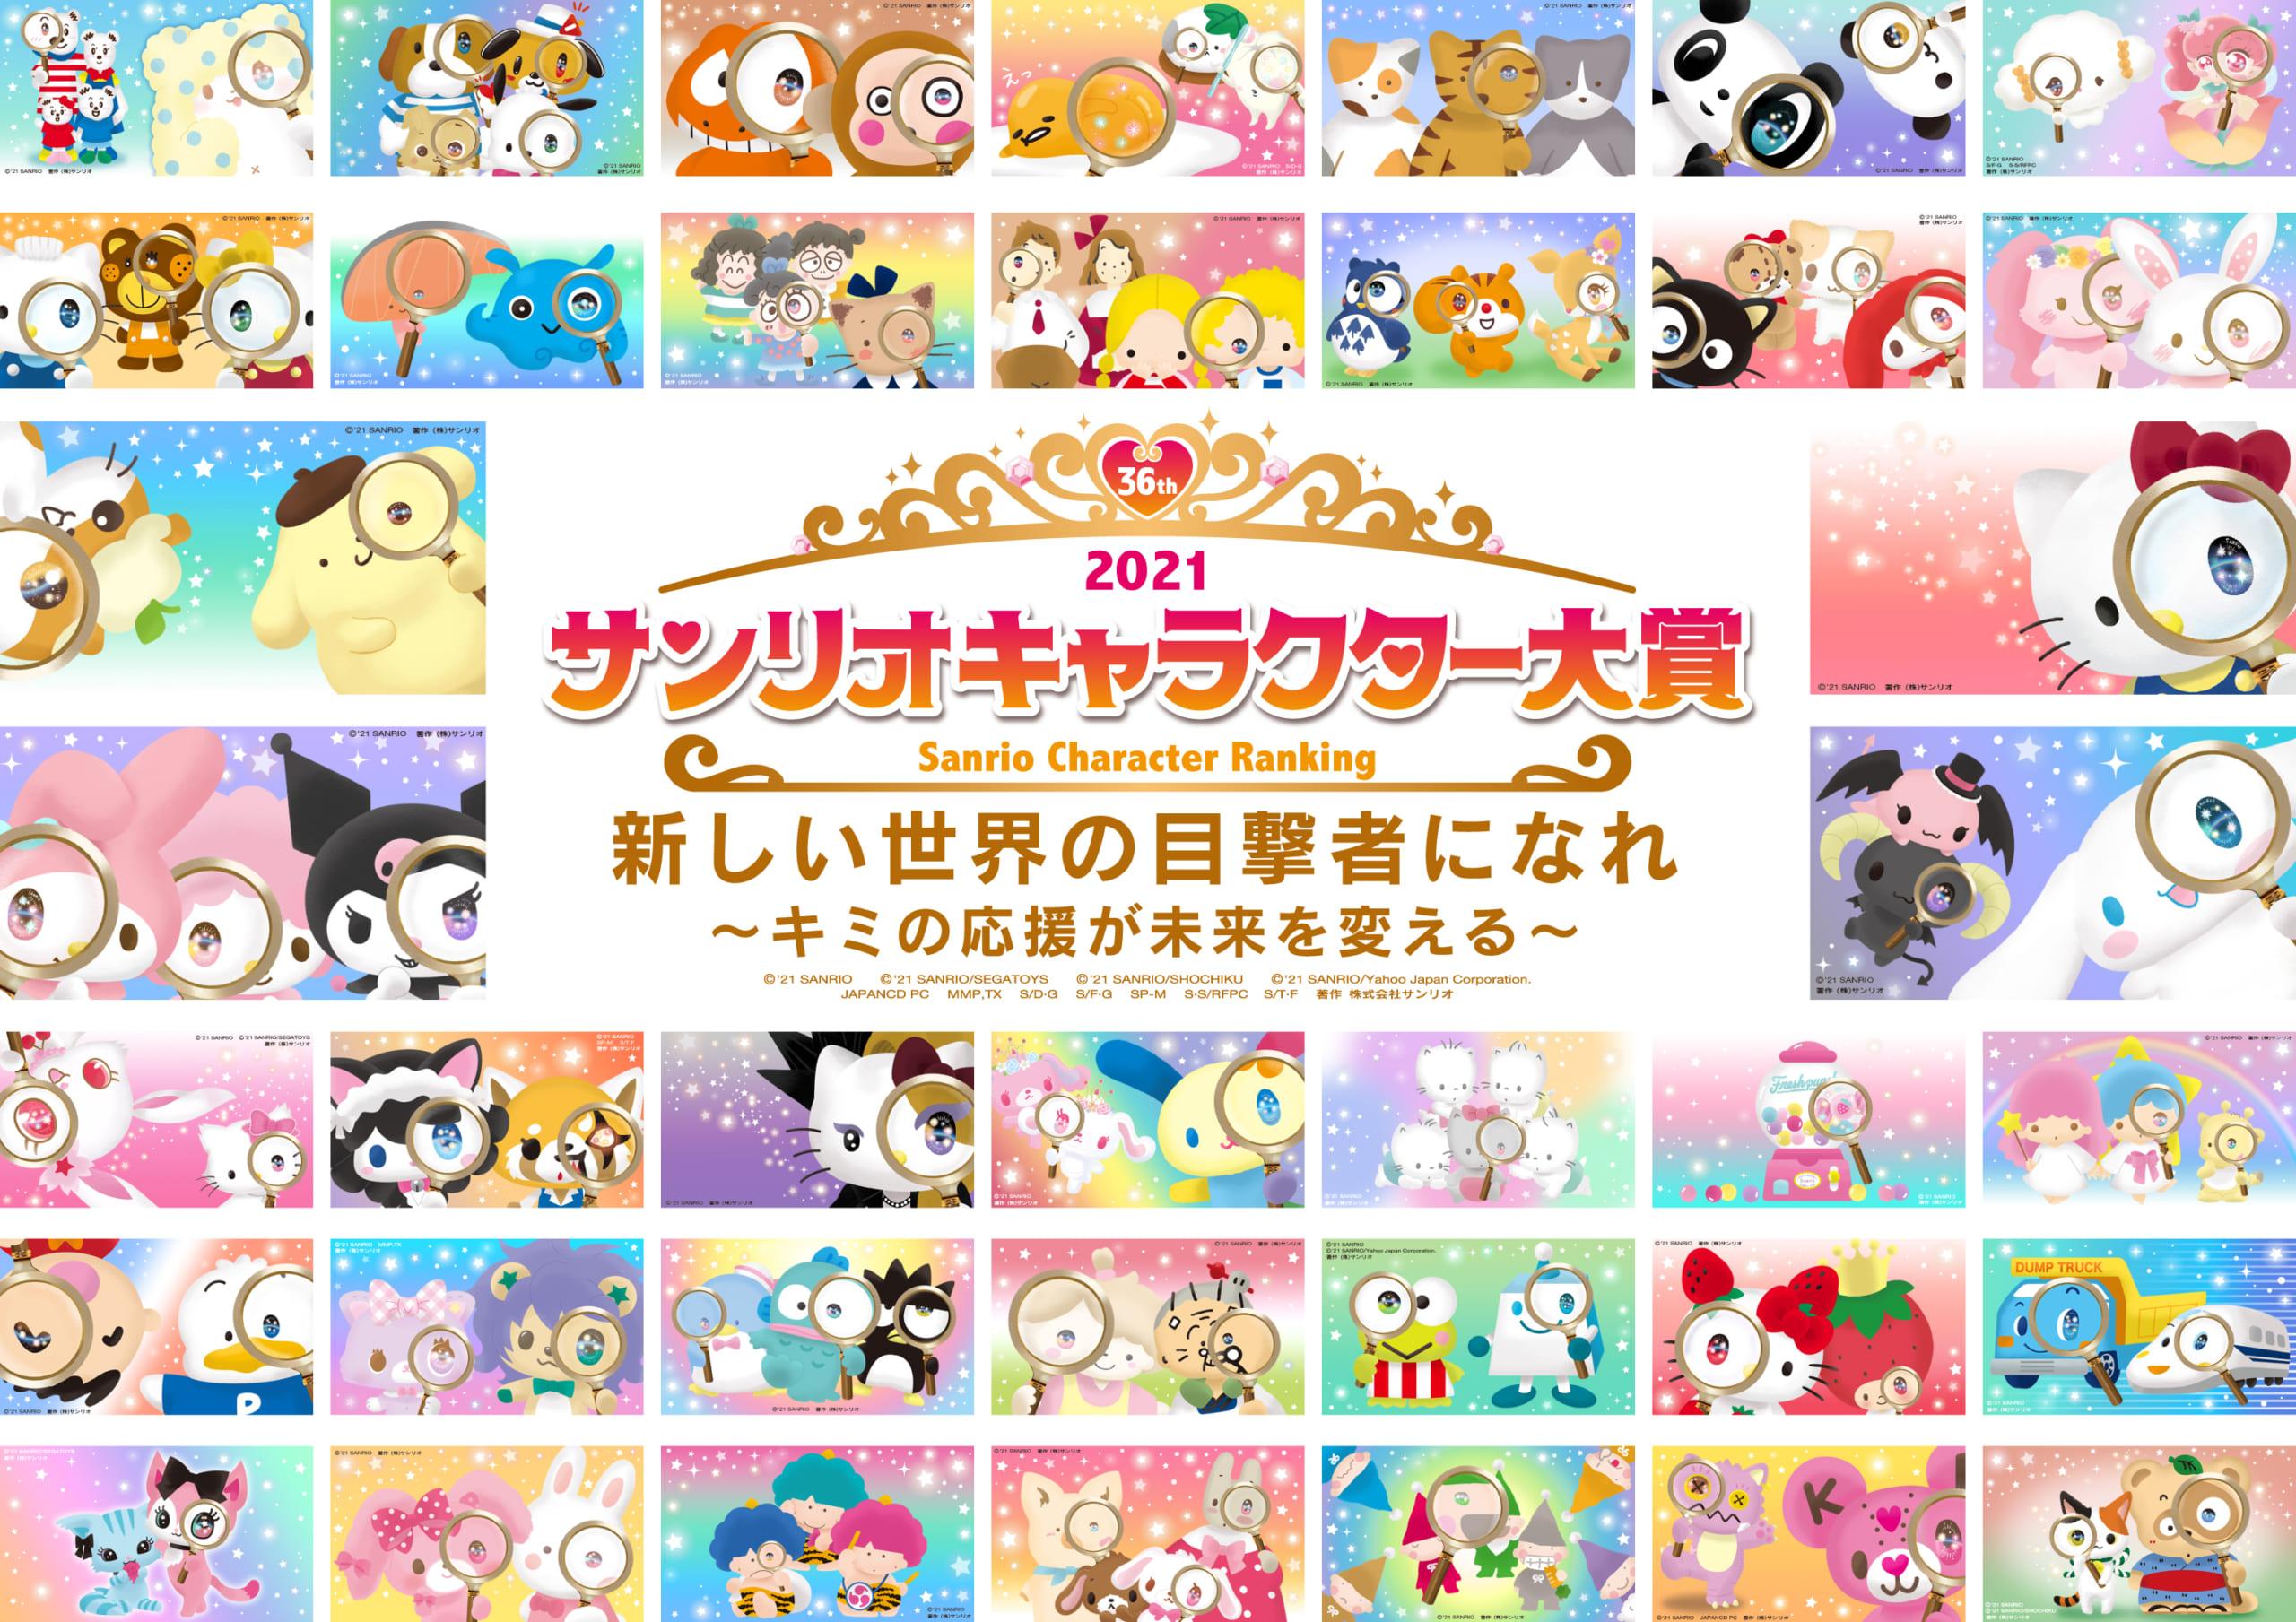 「2021年サンリオキャラクター大賞」エントリー80キャラクターが決定!新たな投票方法の詳細も